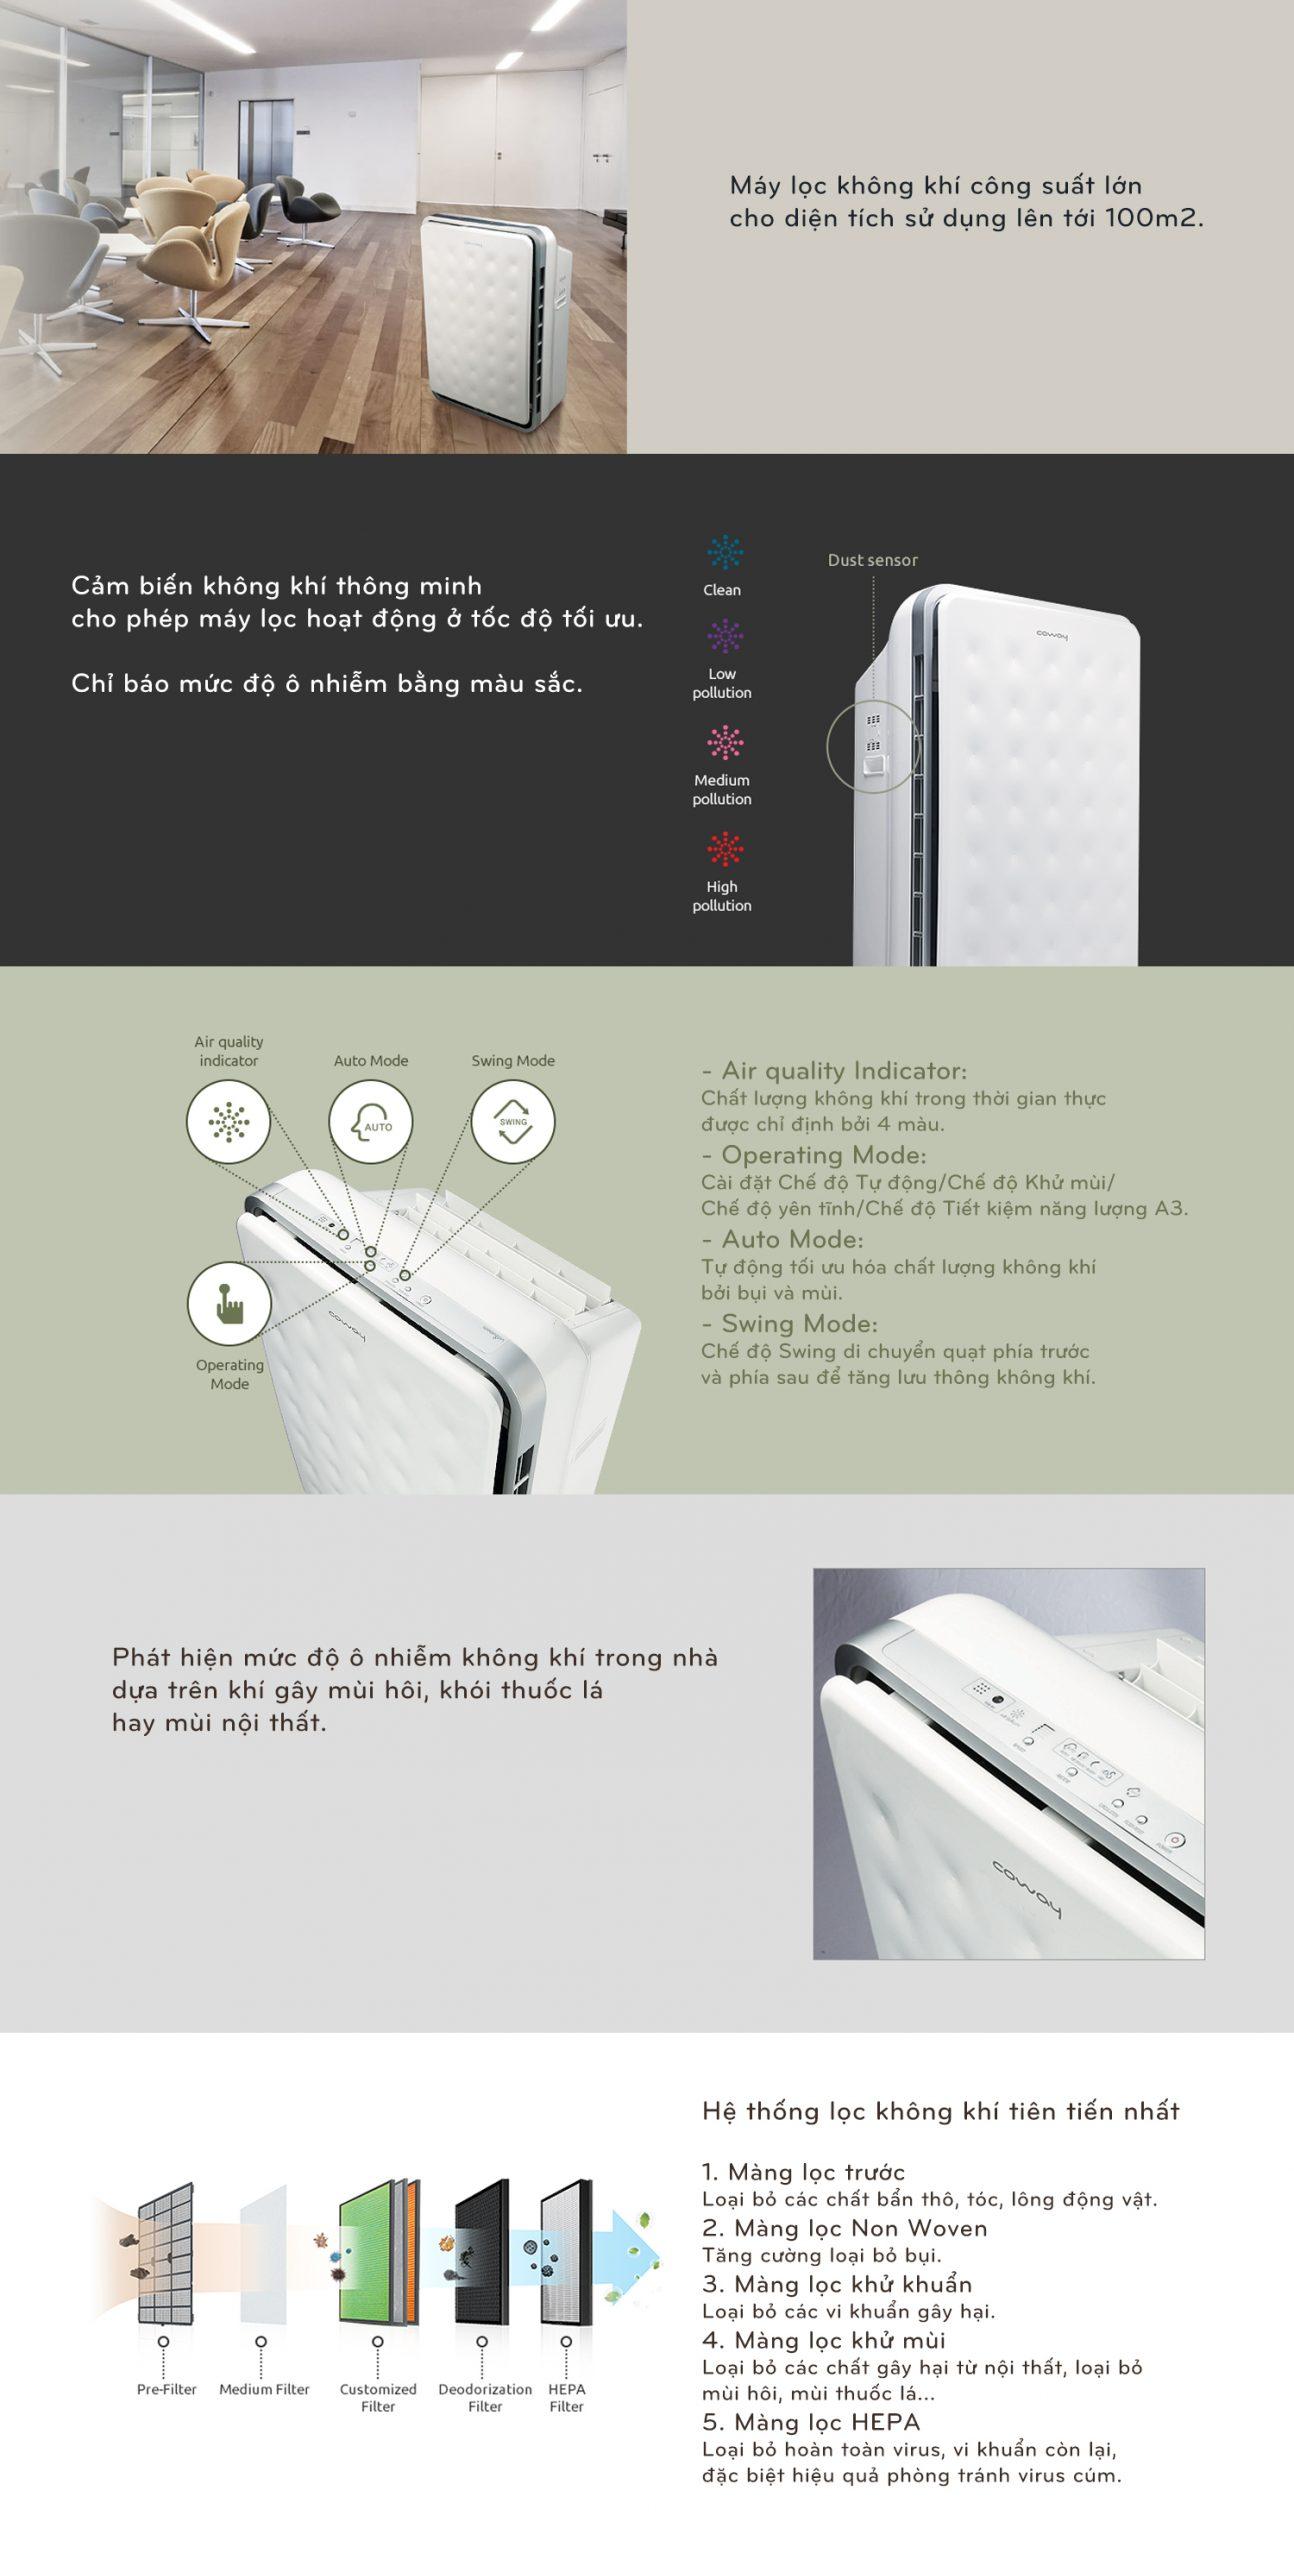 Tính năng của máy lọc không khí Hàn Quốc Coway TUBA AP-3008FHH